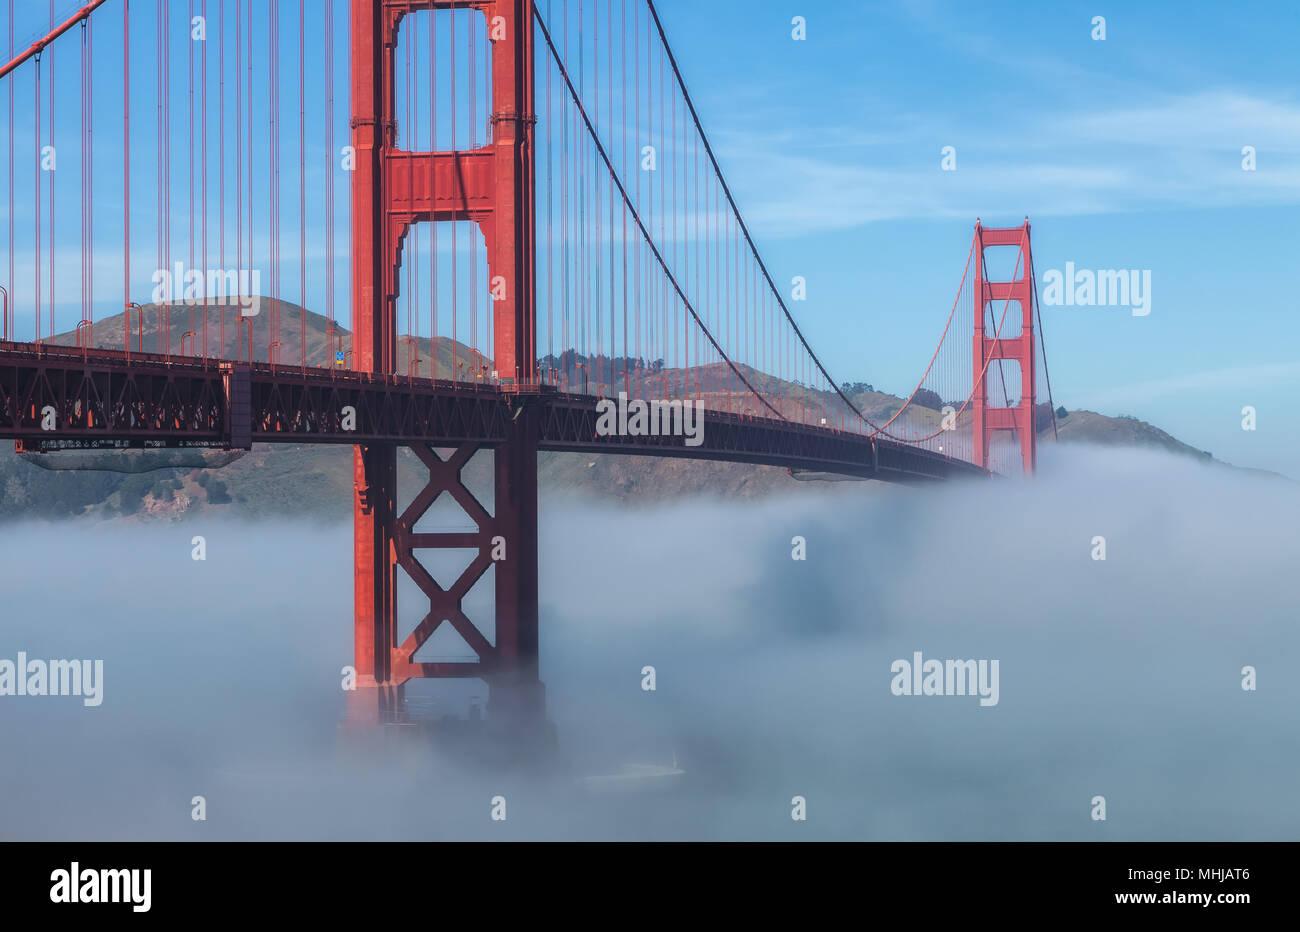 Bassa spessa nebbia formata sotto il Golden Gate Bridge di San Francisco, California, Stati Uniti, su un inizio di mattina di primavera. Immagini Stock